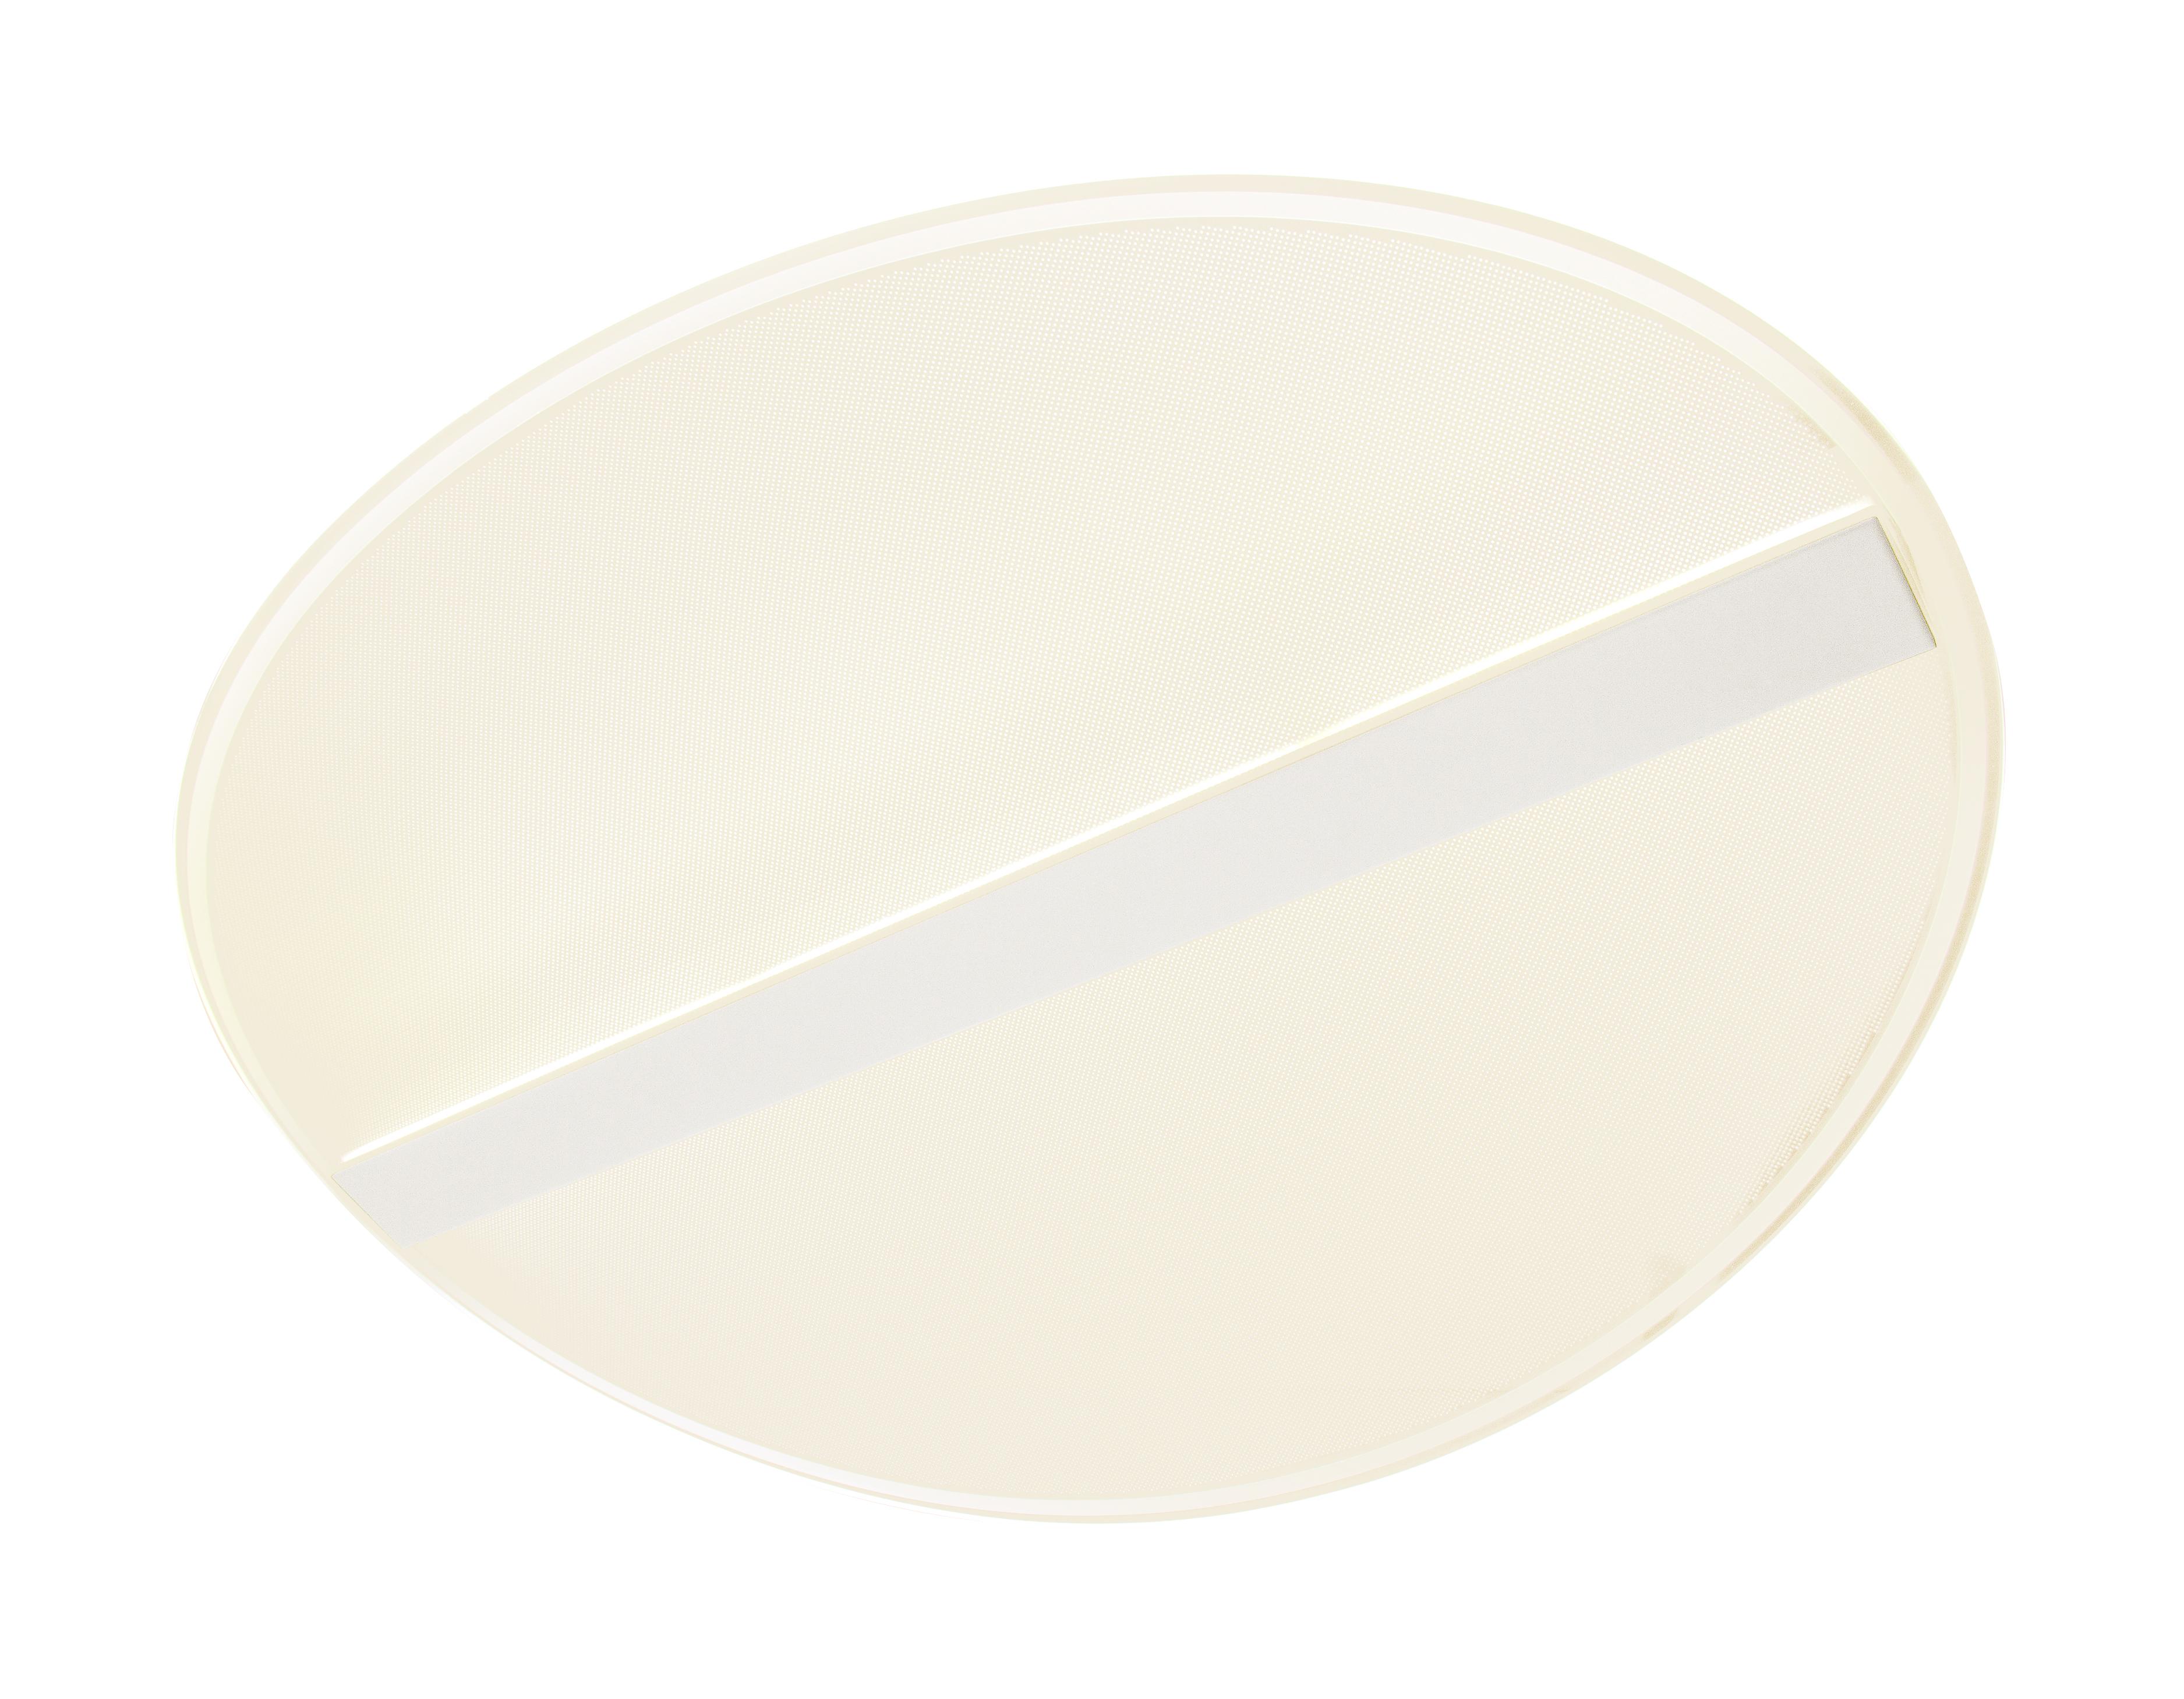 Потолочный светодиодный светильник с пультомFA607 WH белый 72W 600*400*100 (ПДУ РАДИО 2.4)